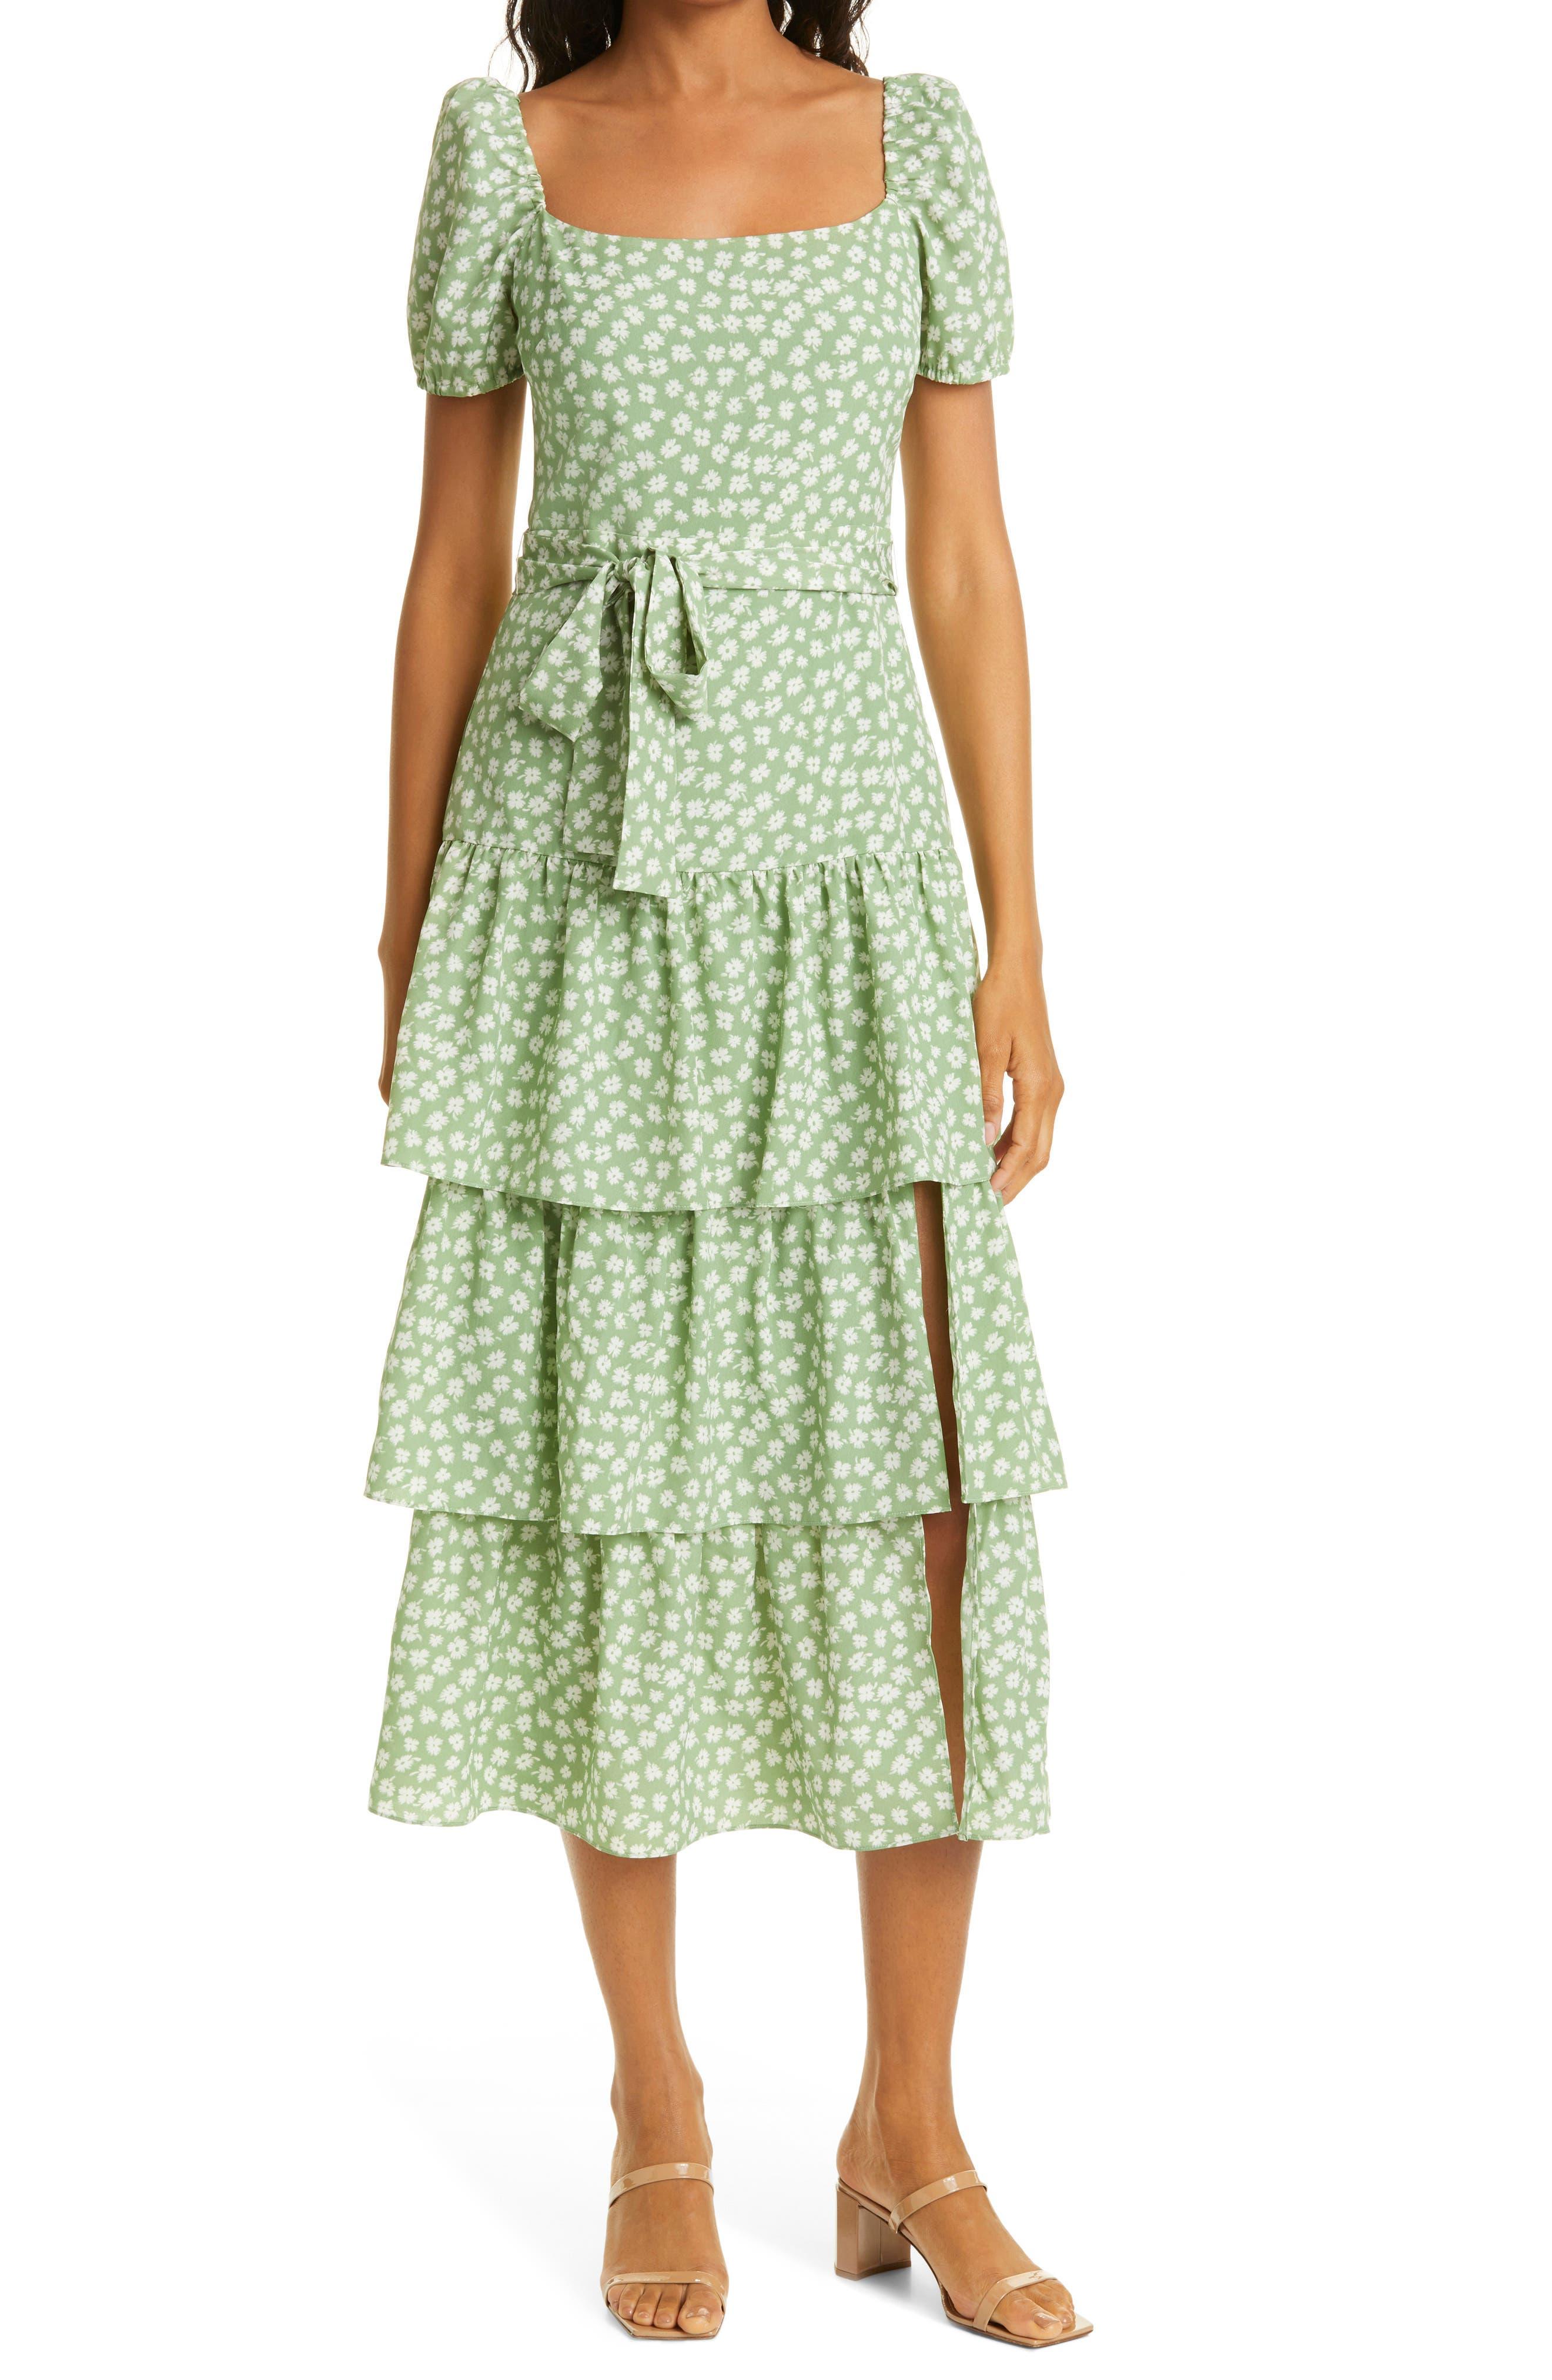 Lottie Tiered Midi Dress